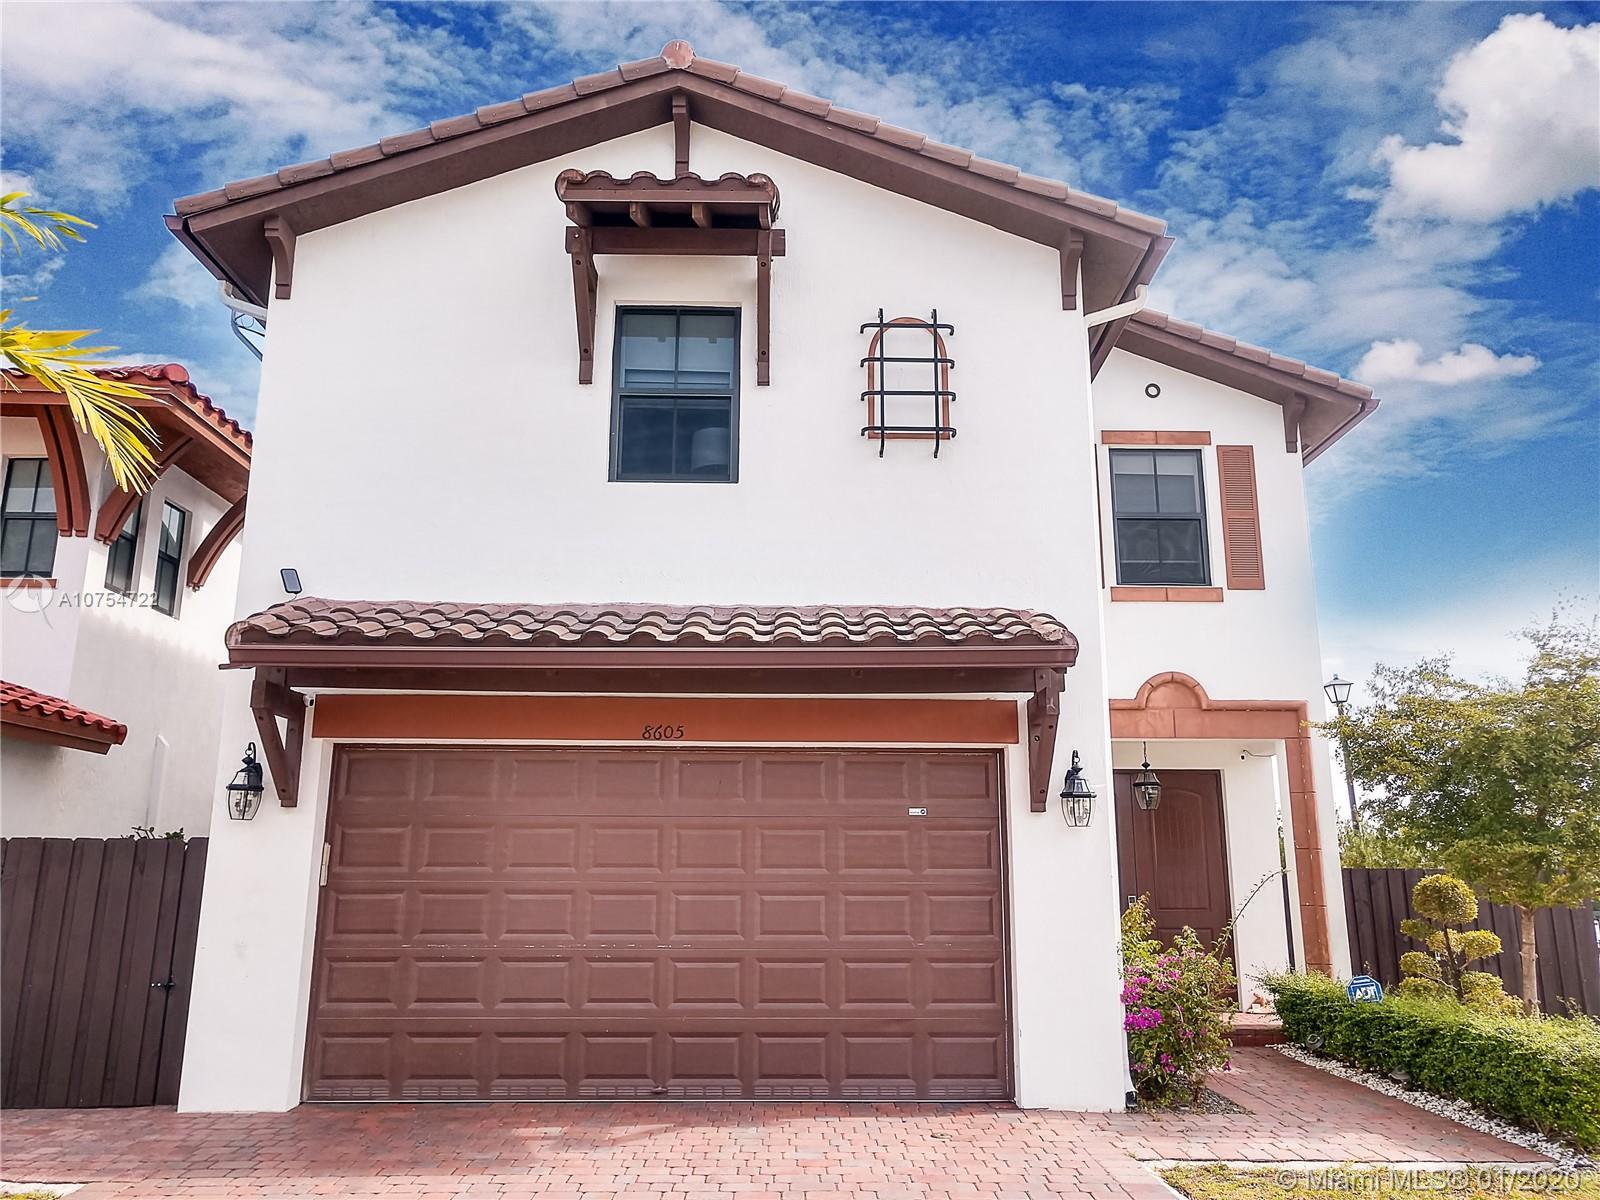 8605 NW 102nd Ct, Doral, FL 33178 - Doral, FL real estate listing